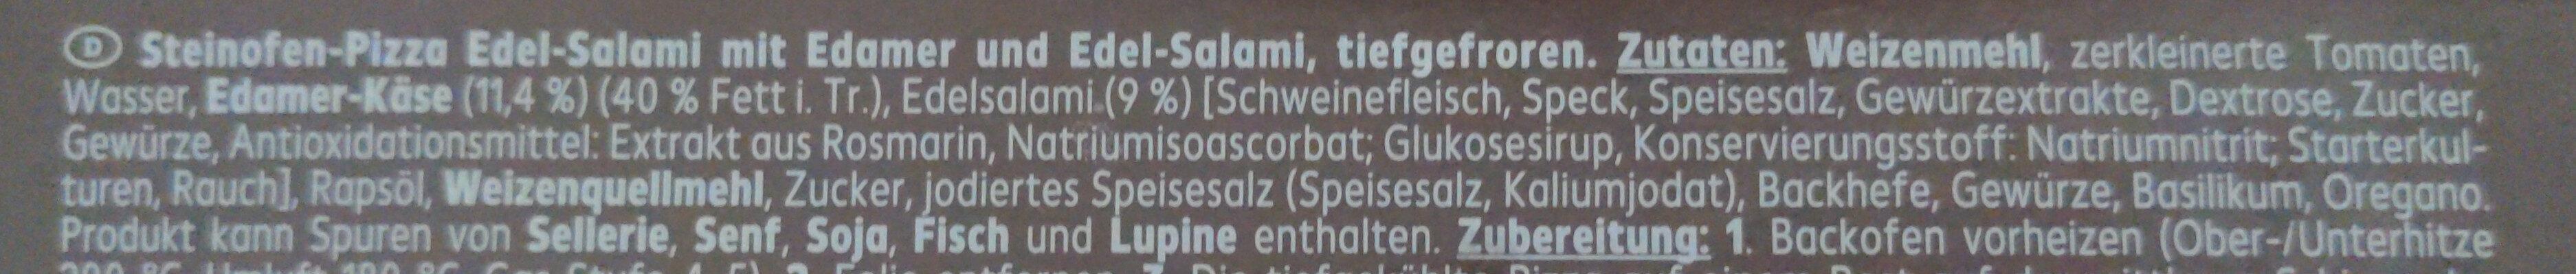 Pizza aus dem Steinofen Edel-Salami - Zutaten - de